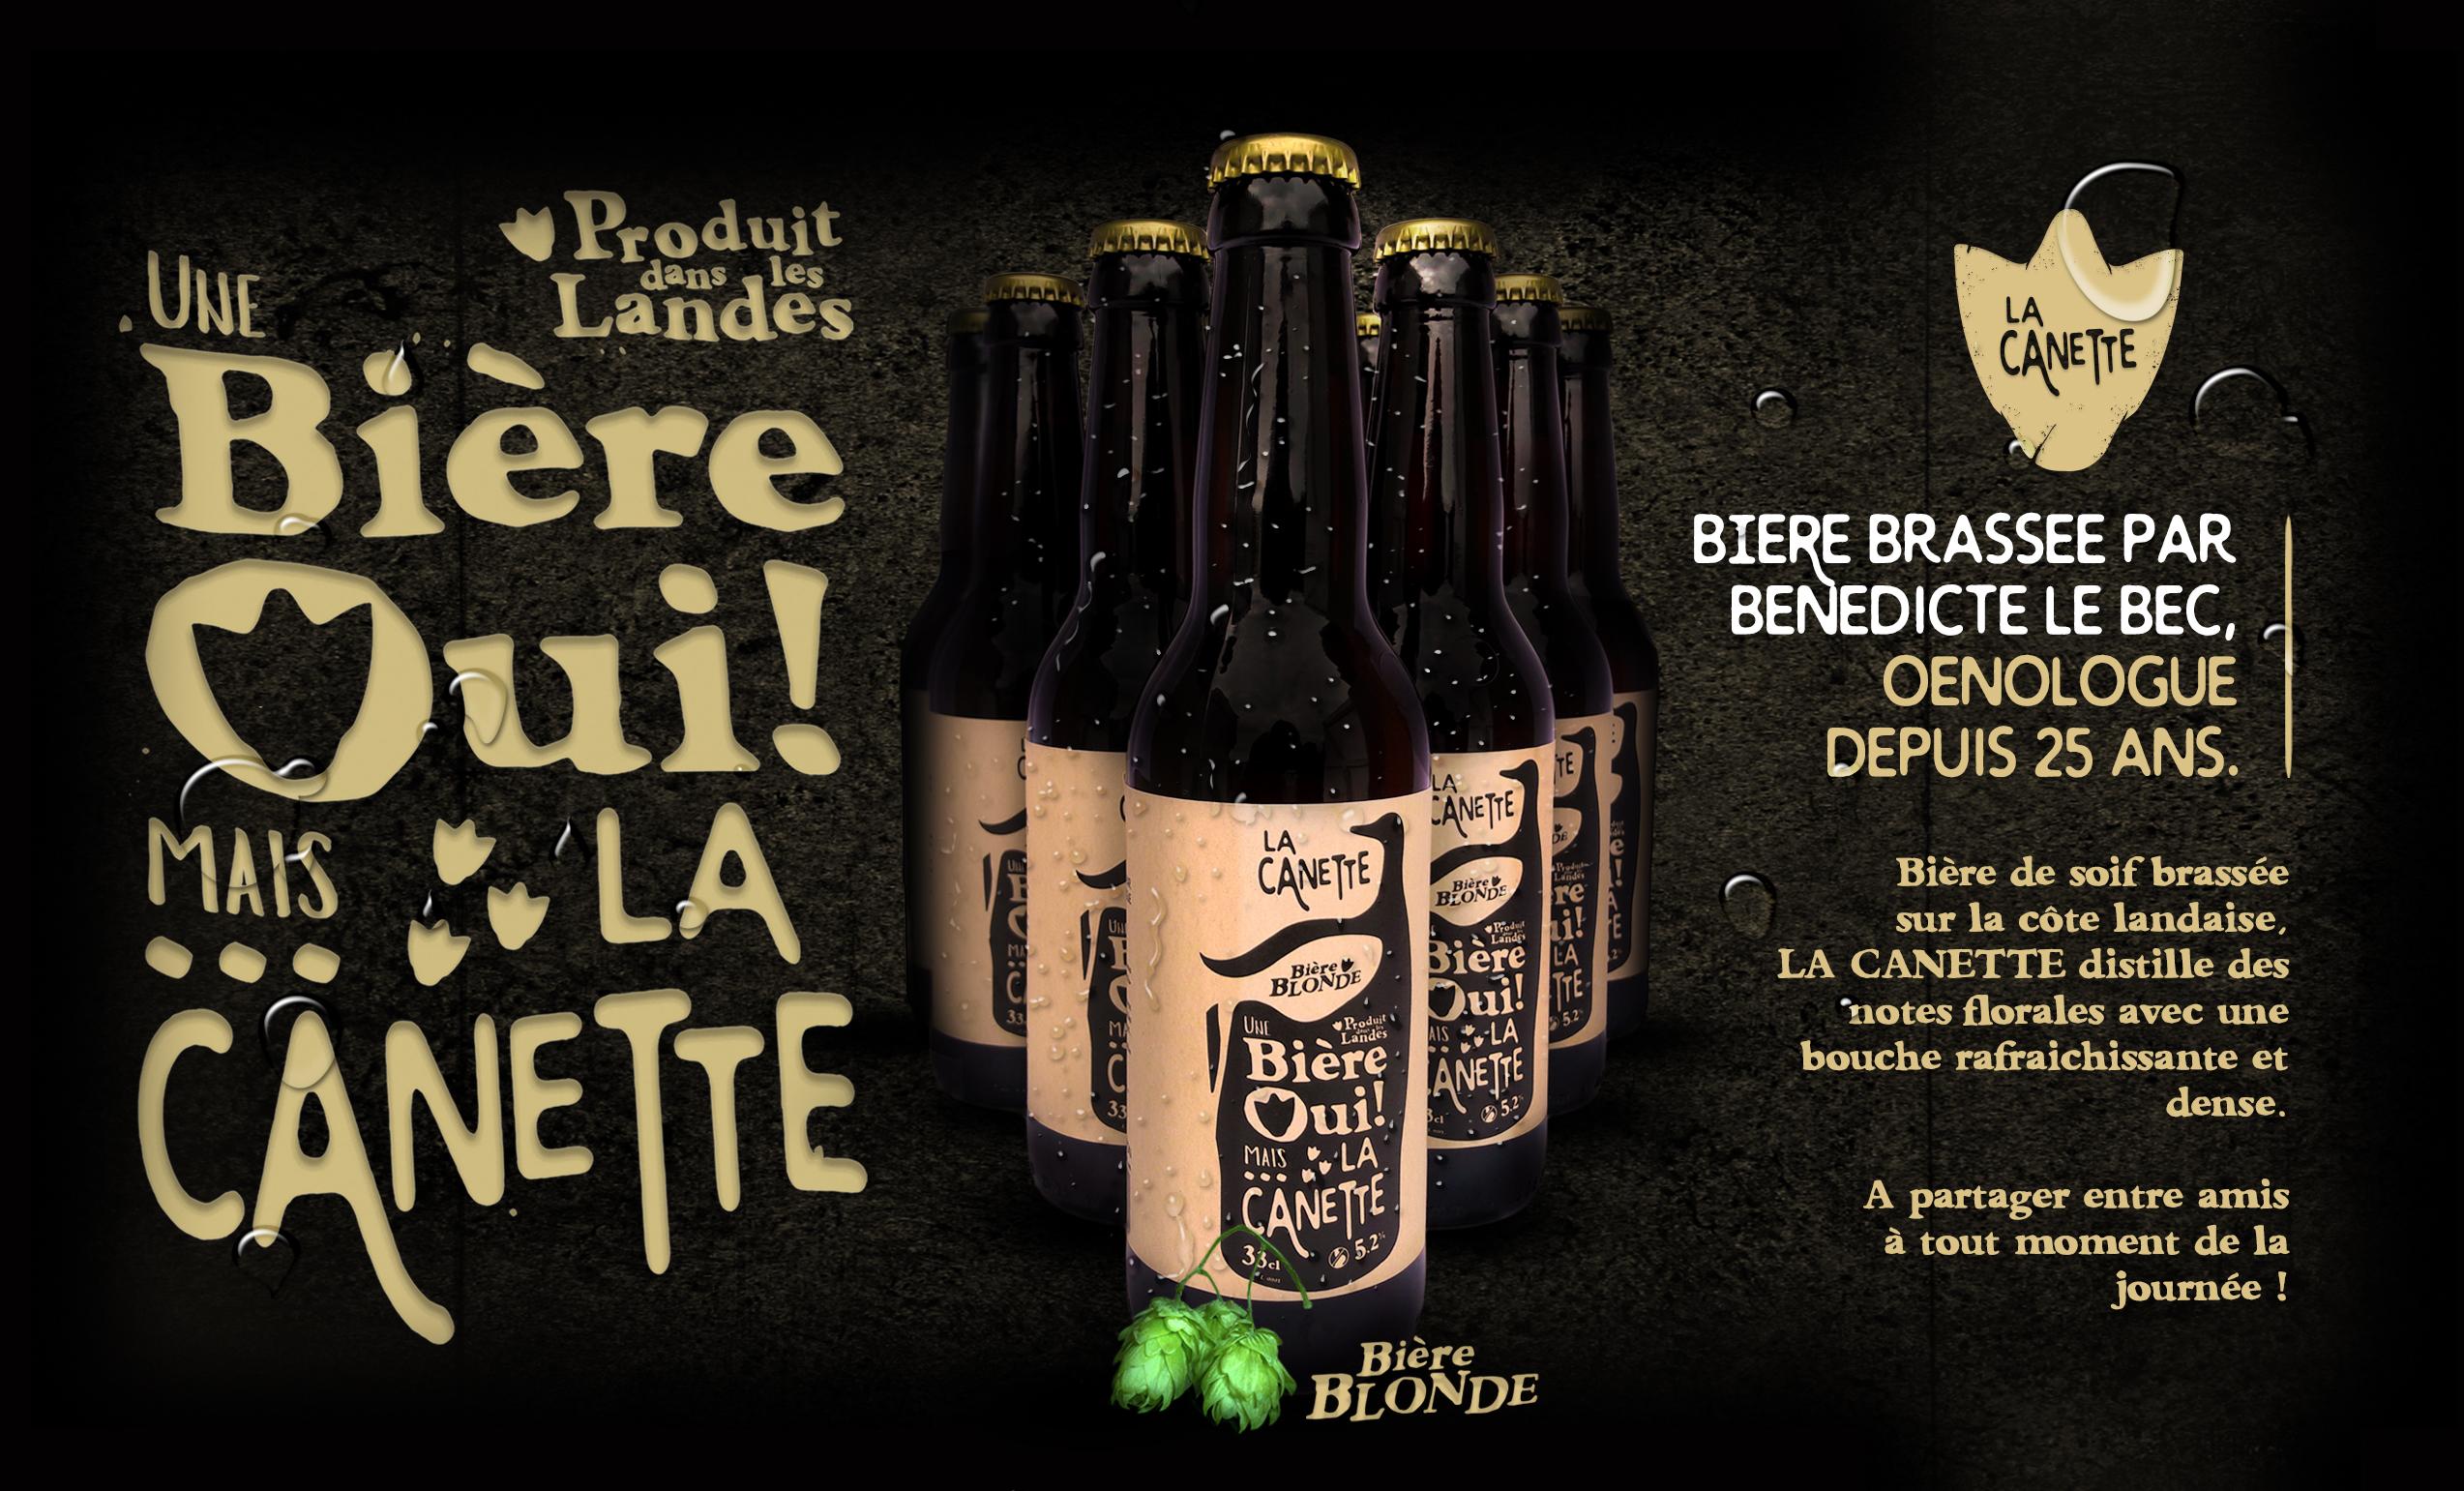 LA CANETTE, bière artisanale.